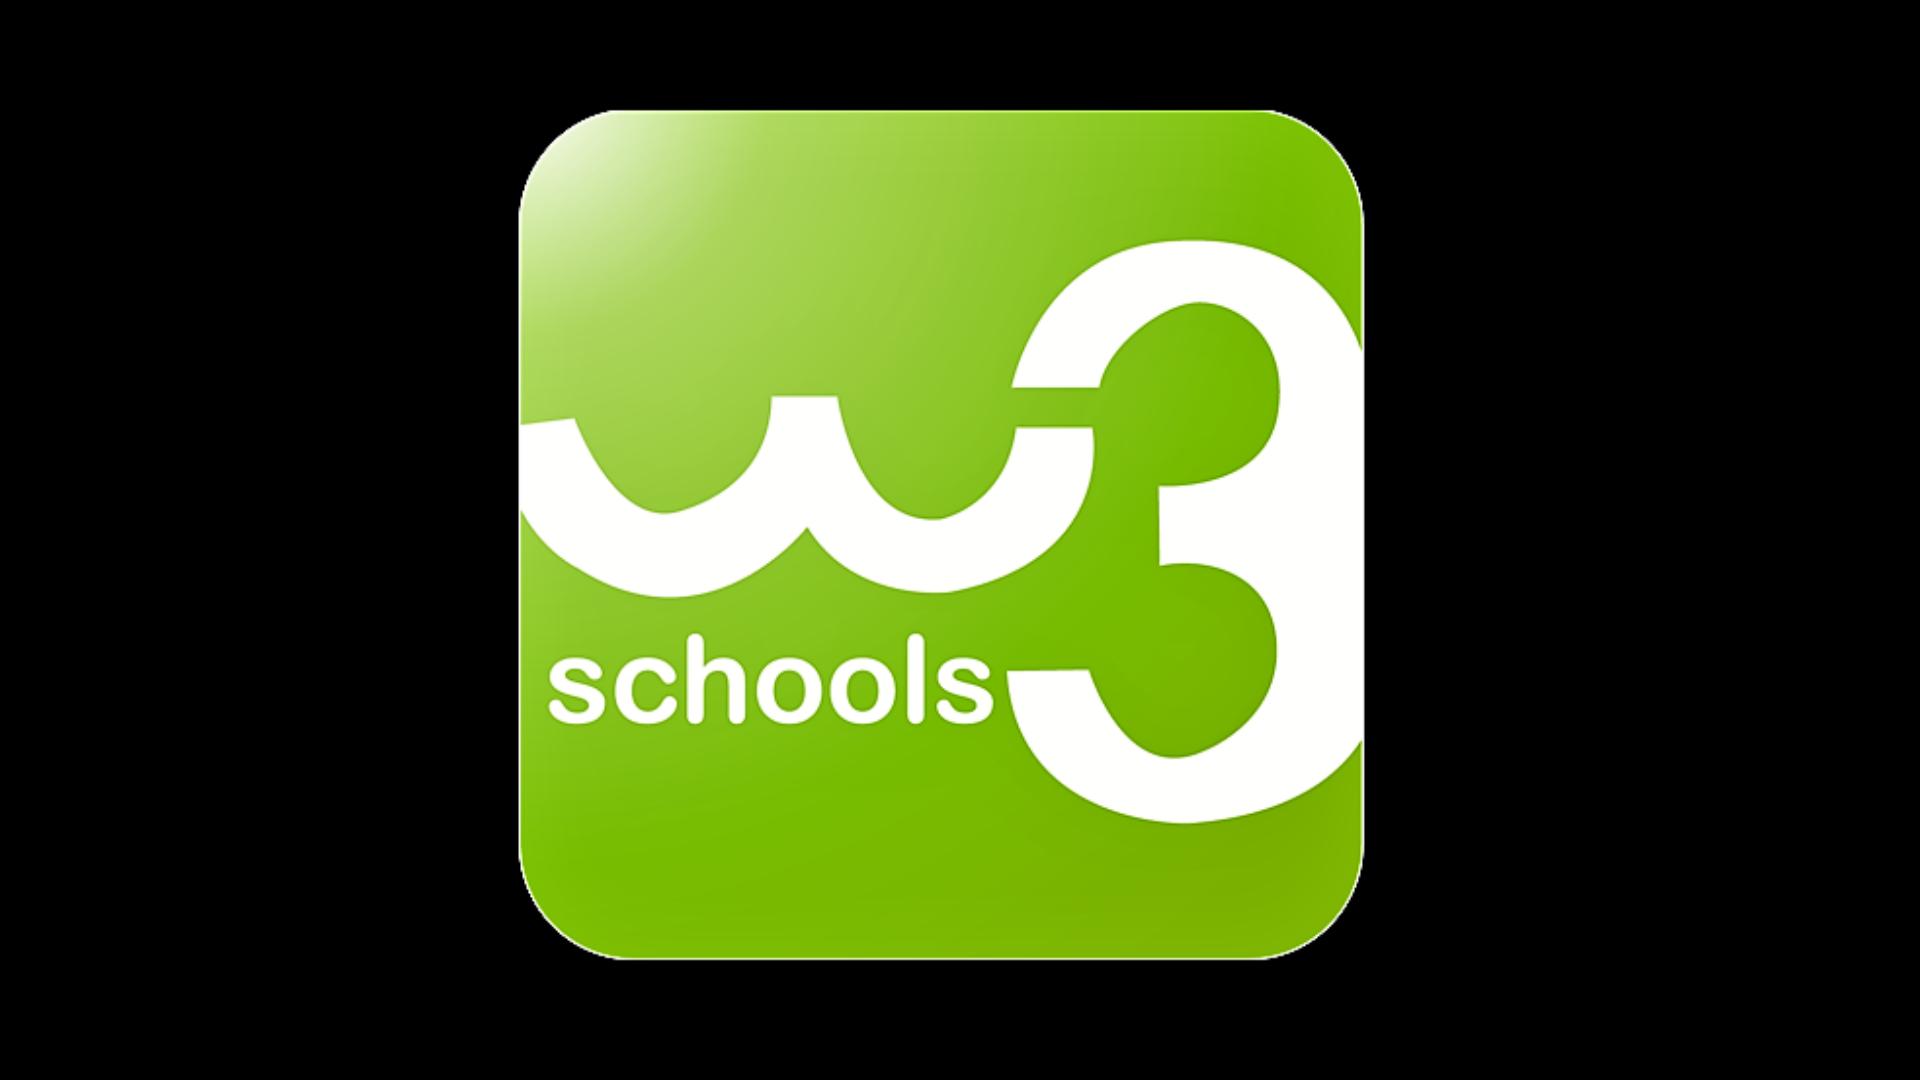 الحصول على W3Schools Online - Microsoft Store في ar-SA